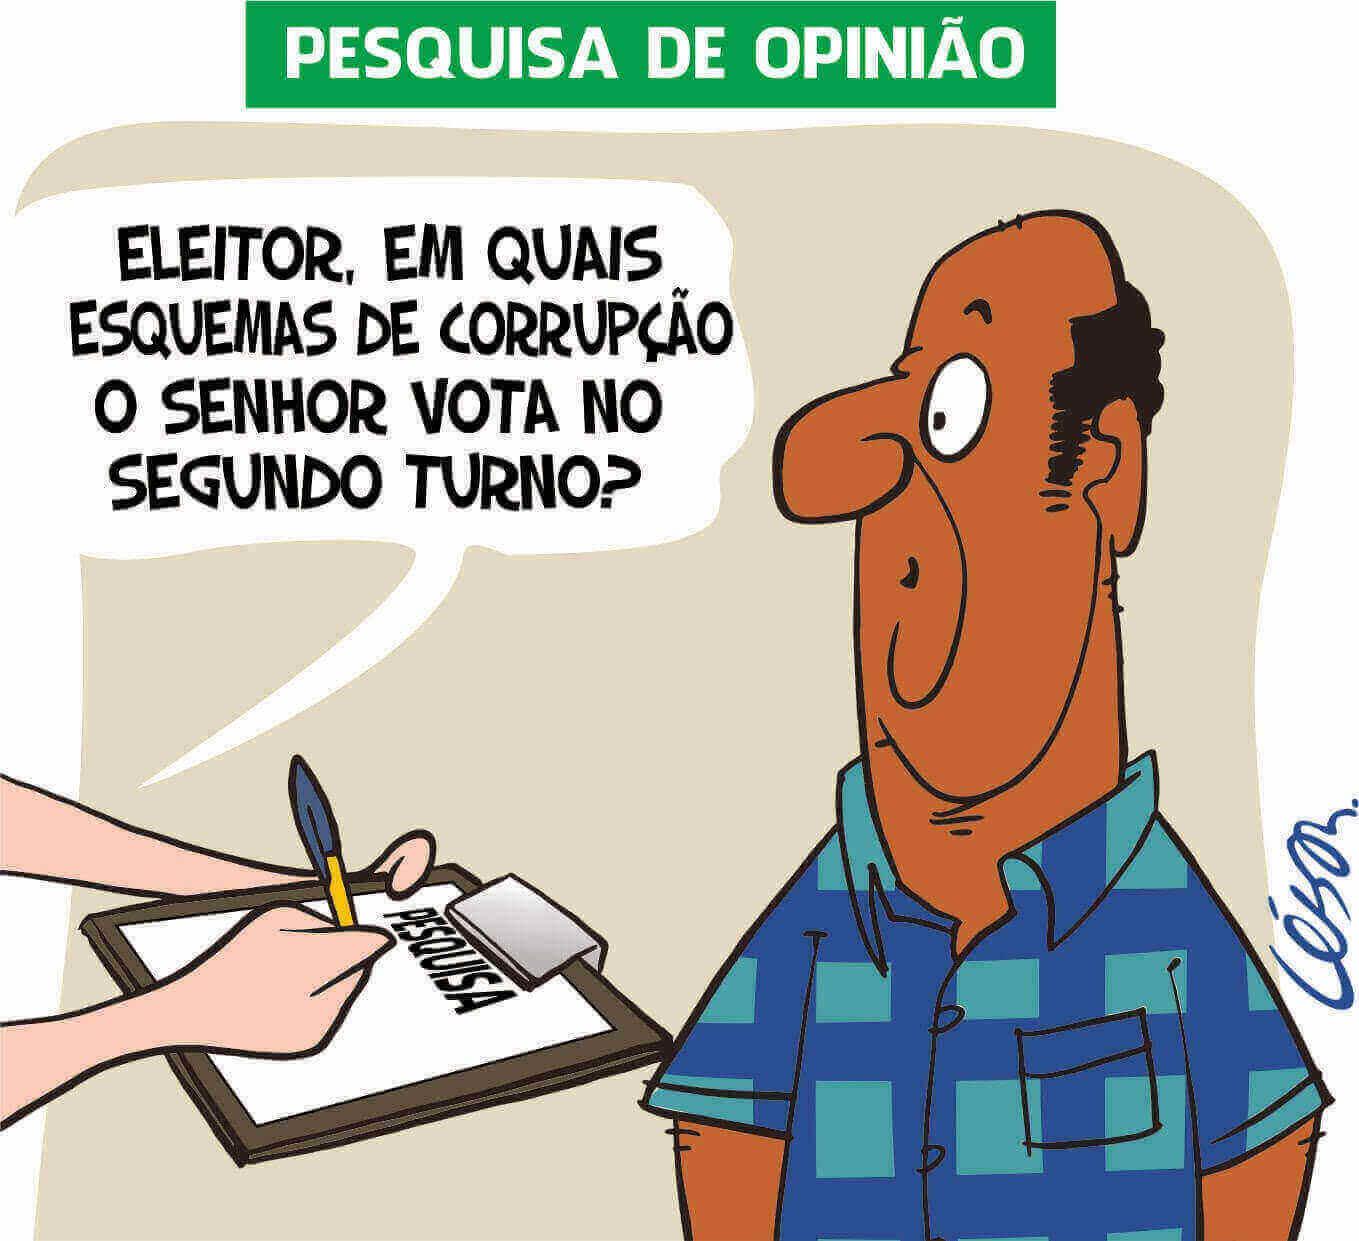 Charge: César (tribunadainternet.com.br)